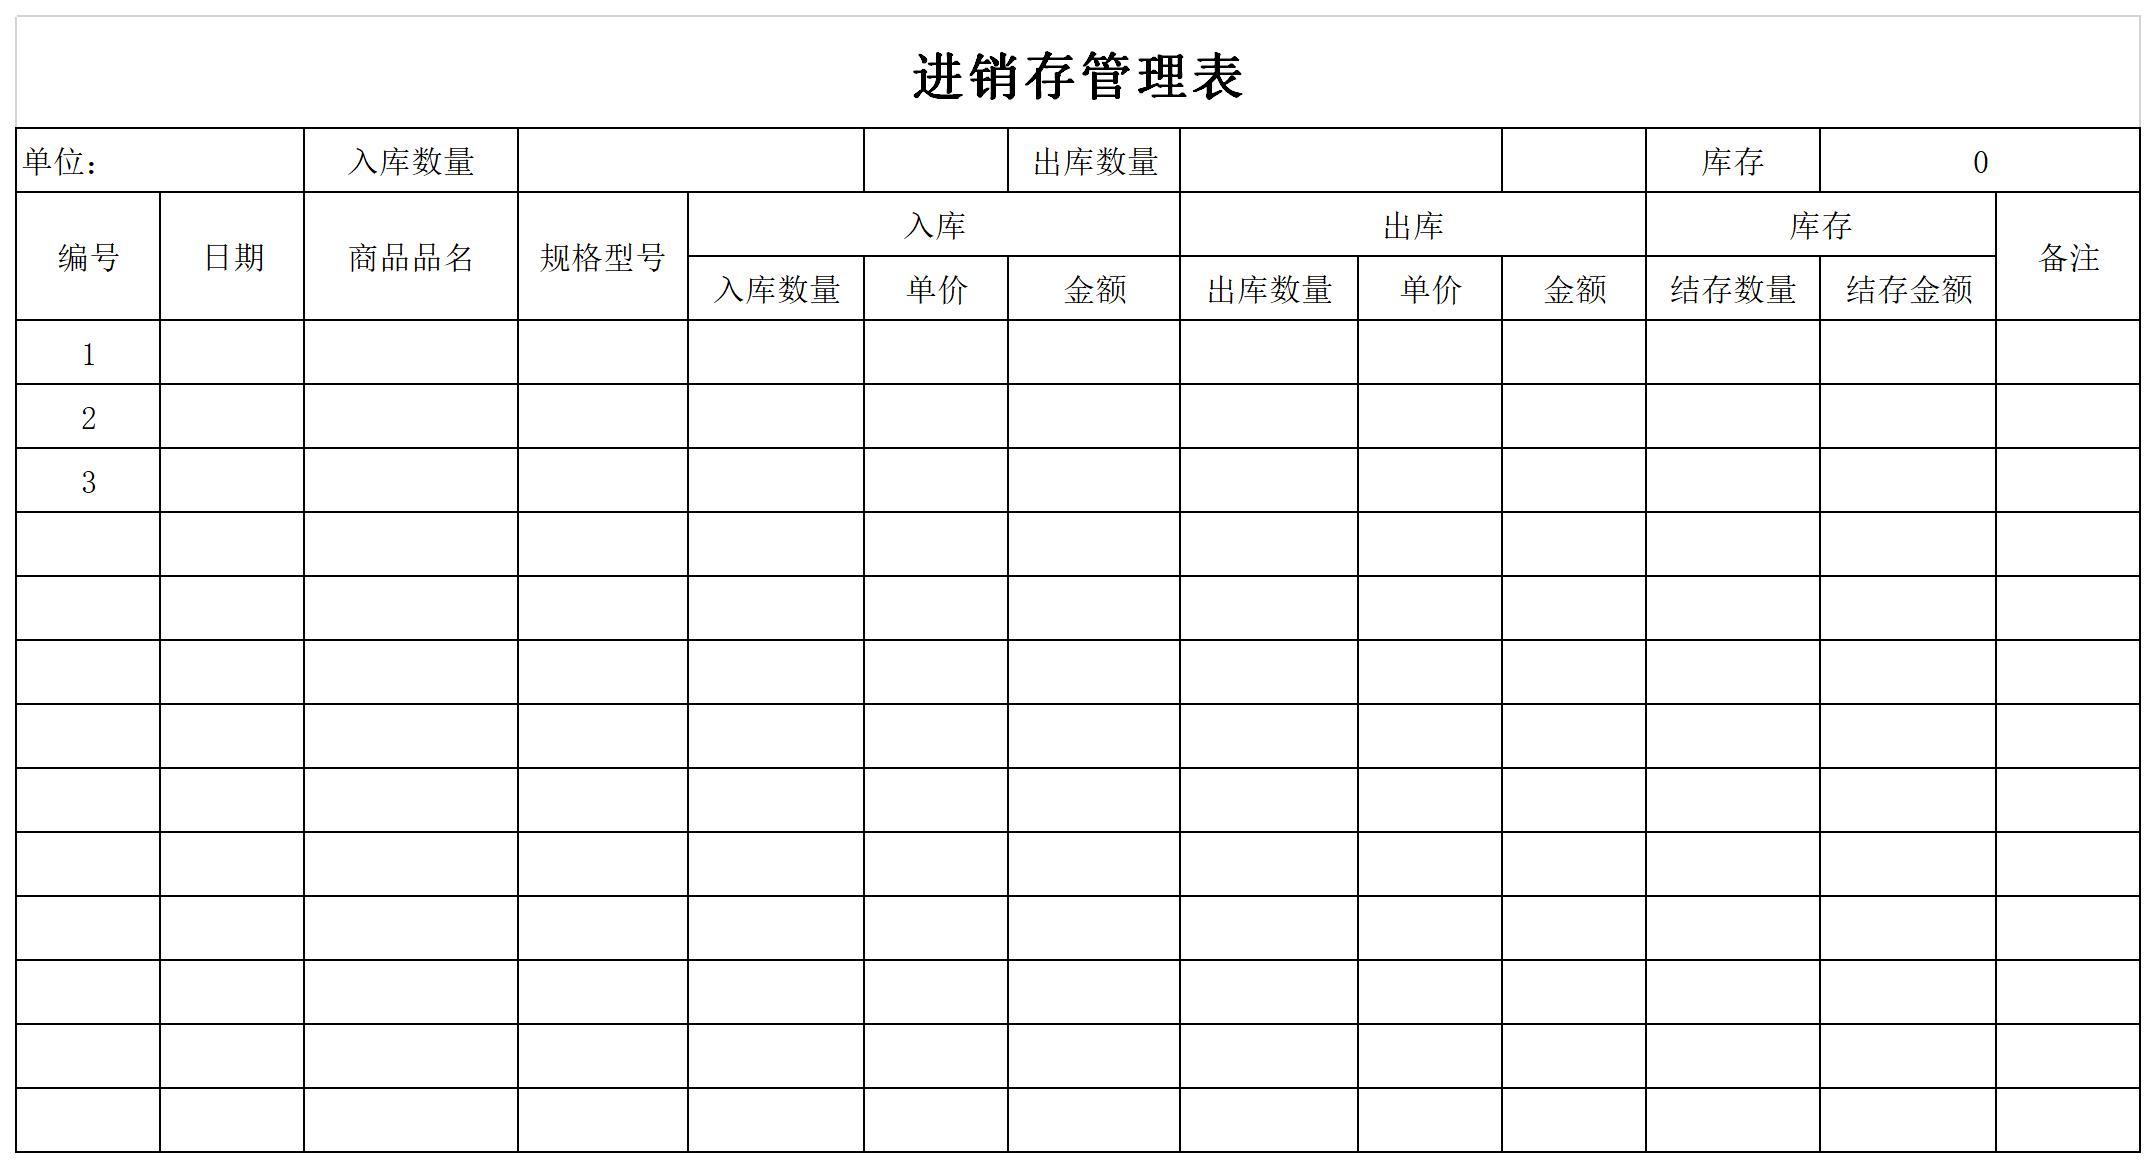 进销存管理表截图